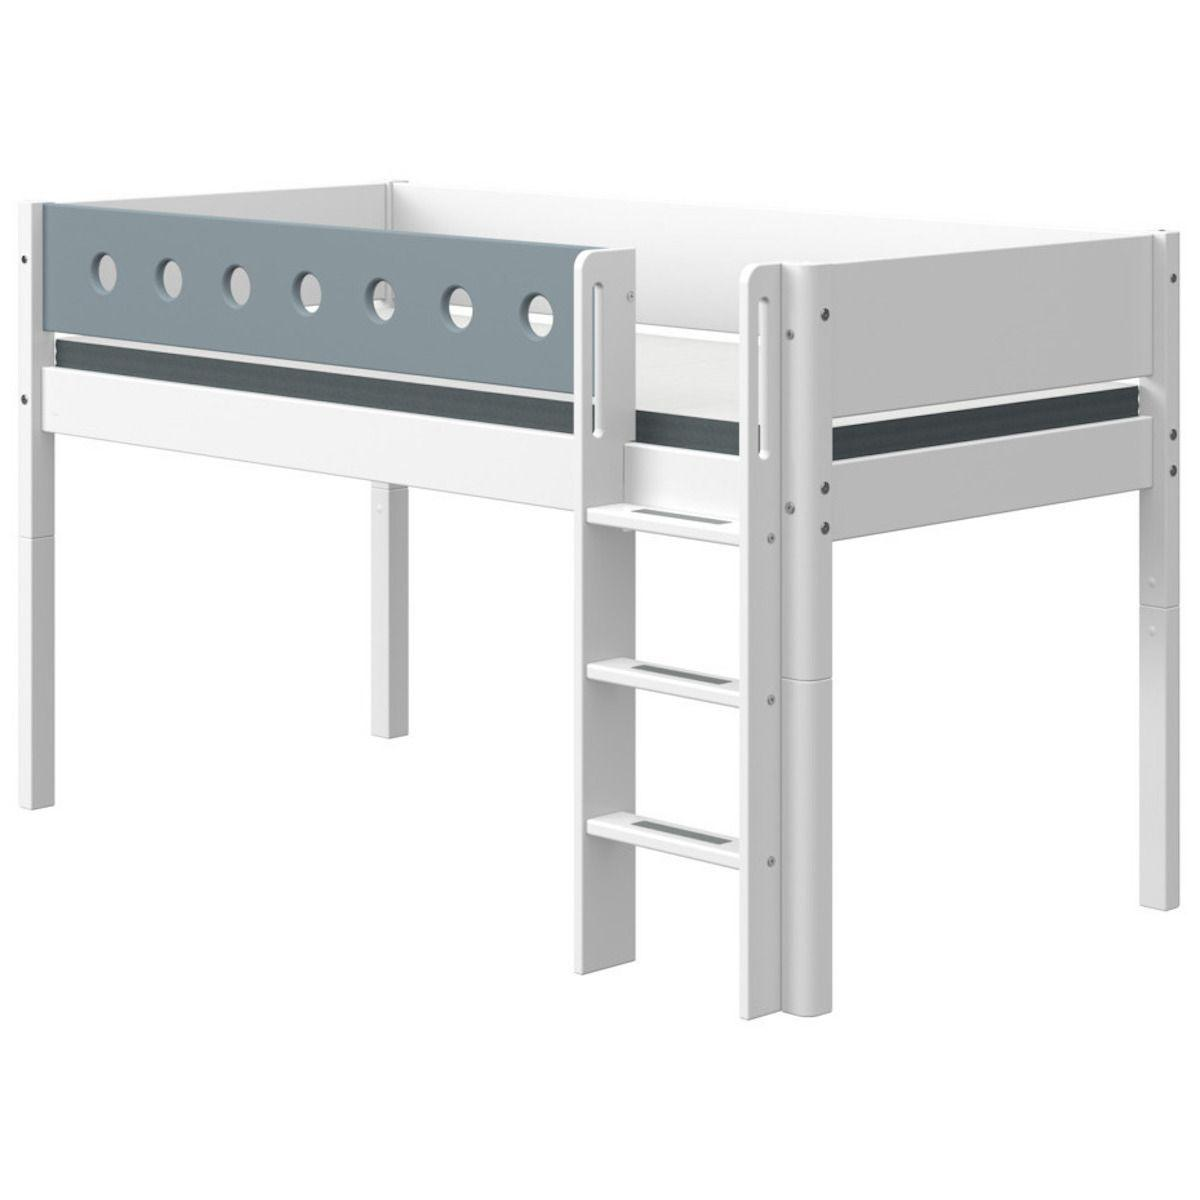 Halbhohes Bett mitwachsend 90x200cm gerade Leiter WHITE Flexa weiß-light blue